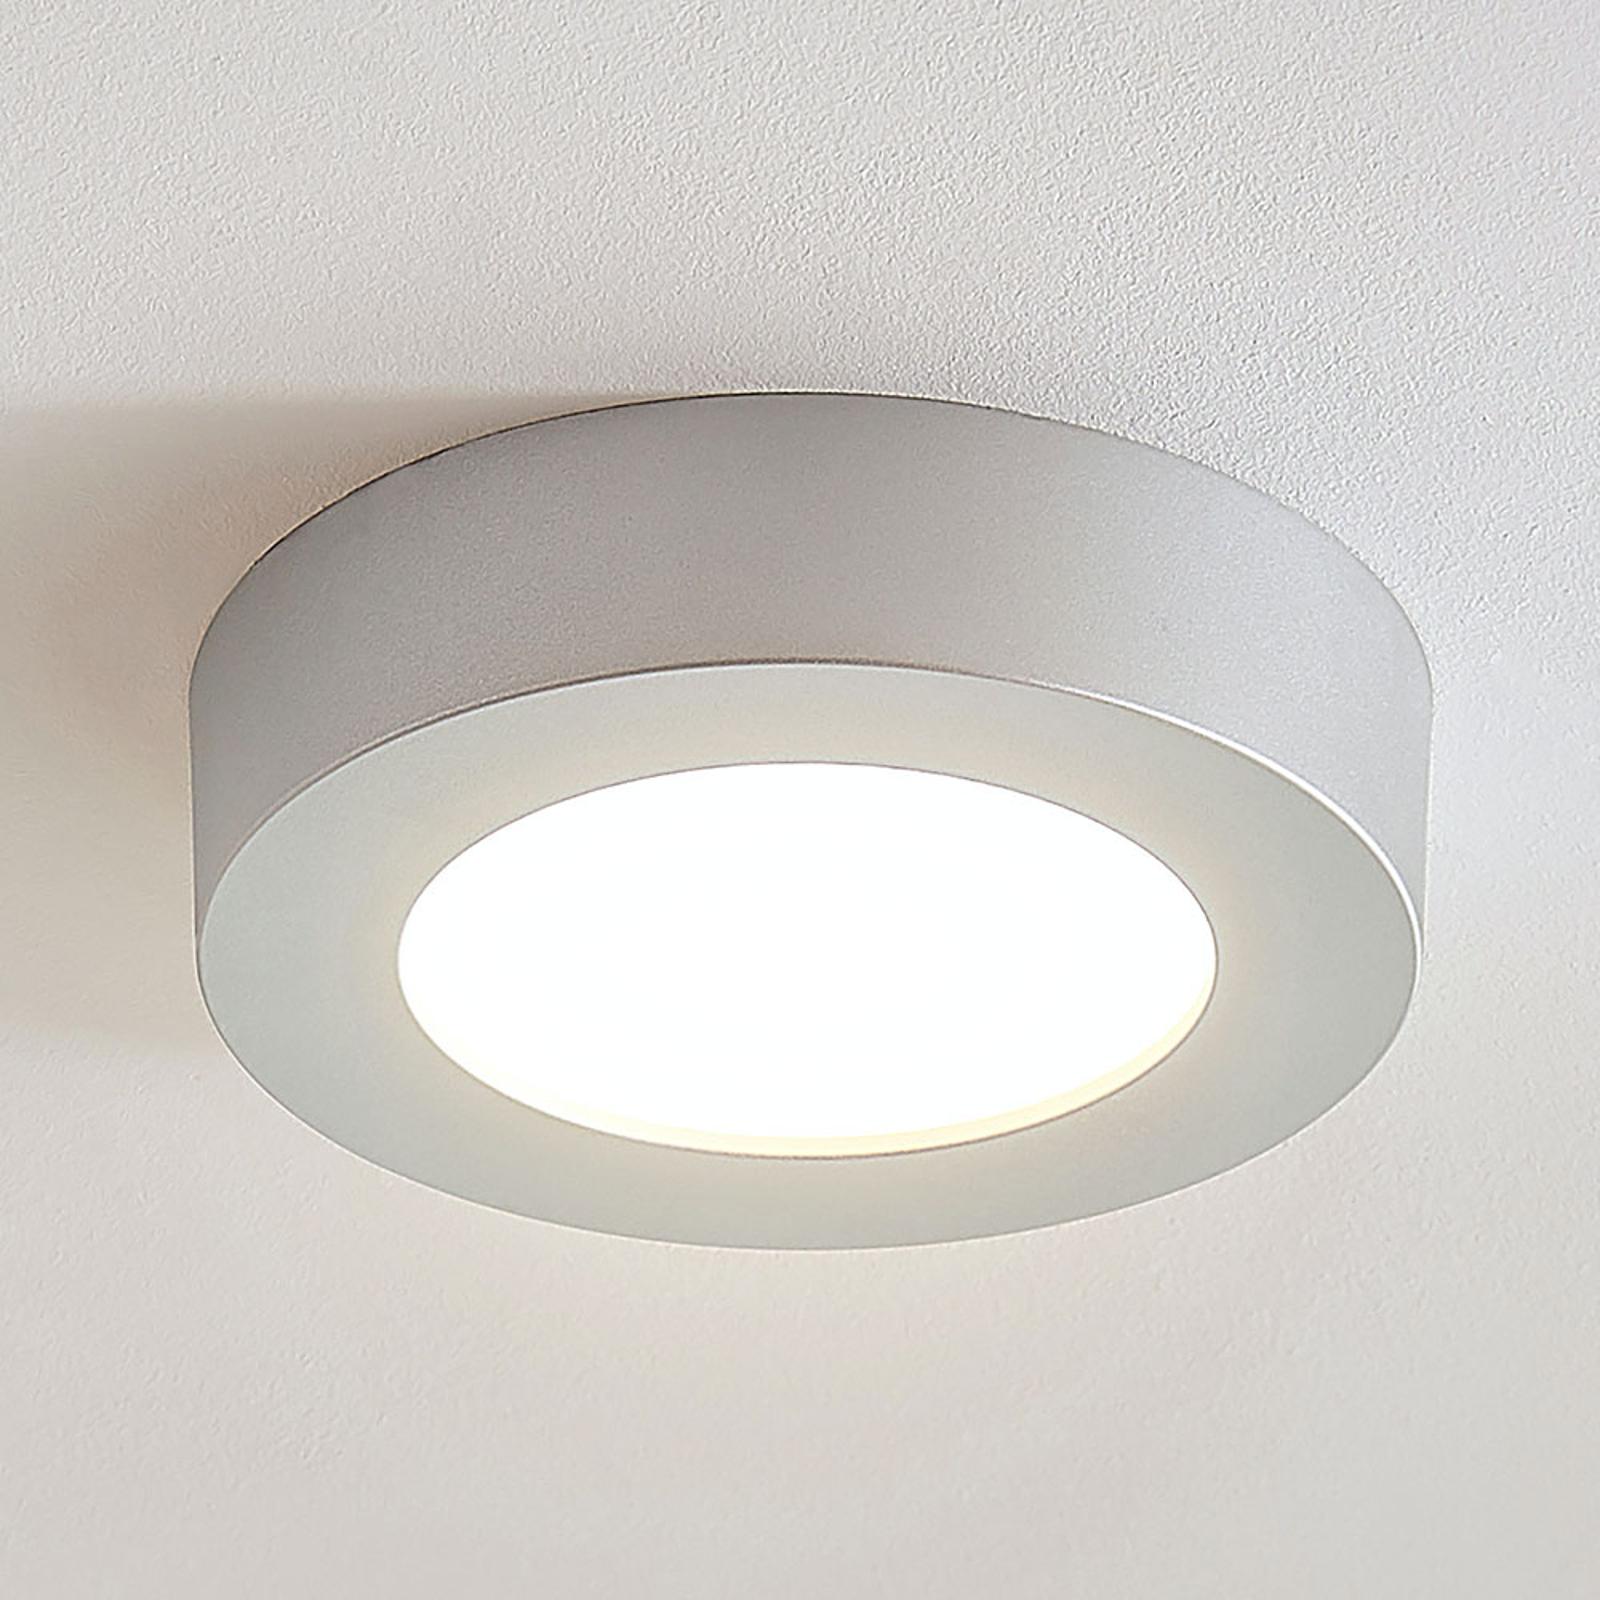 Lampa LED Marlo srebrna 3000K okrągła 18,2cm